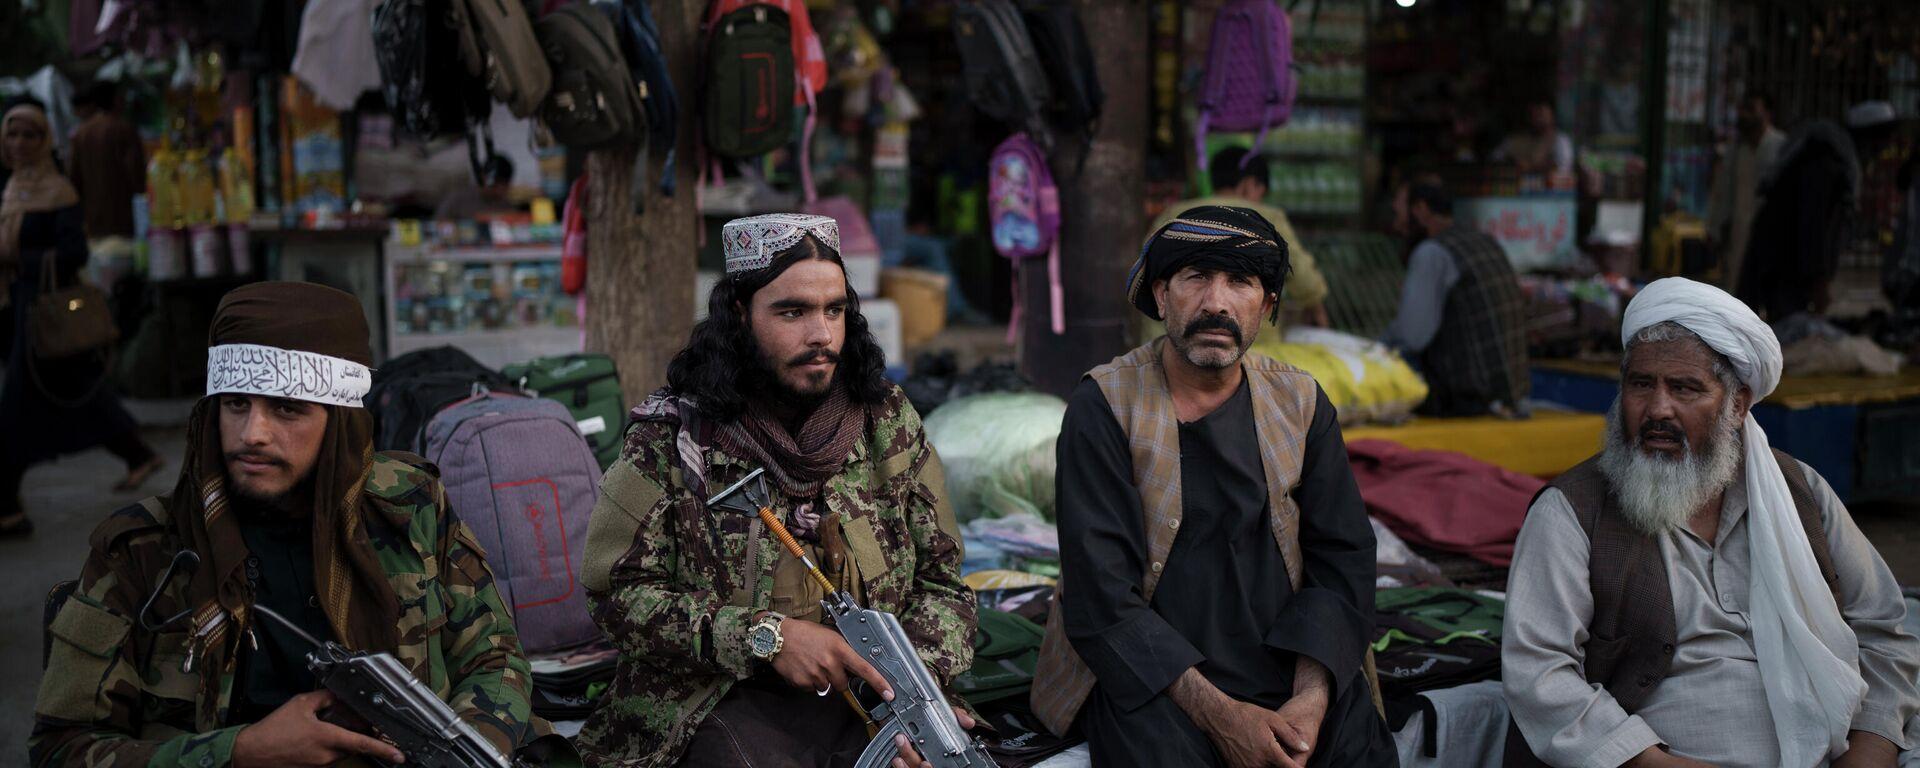 Боевики движения Талибан (террористическая организация, запрещена в России) в Кабуле - Sputnik Таджикистан, 1920, 27.09.2021